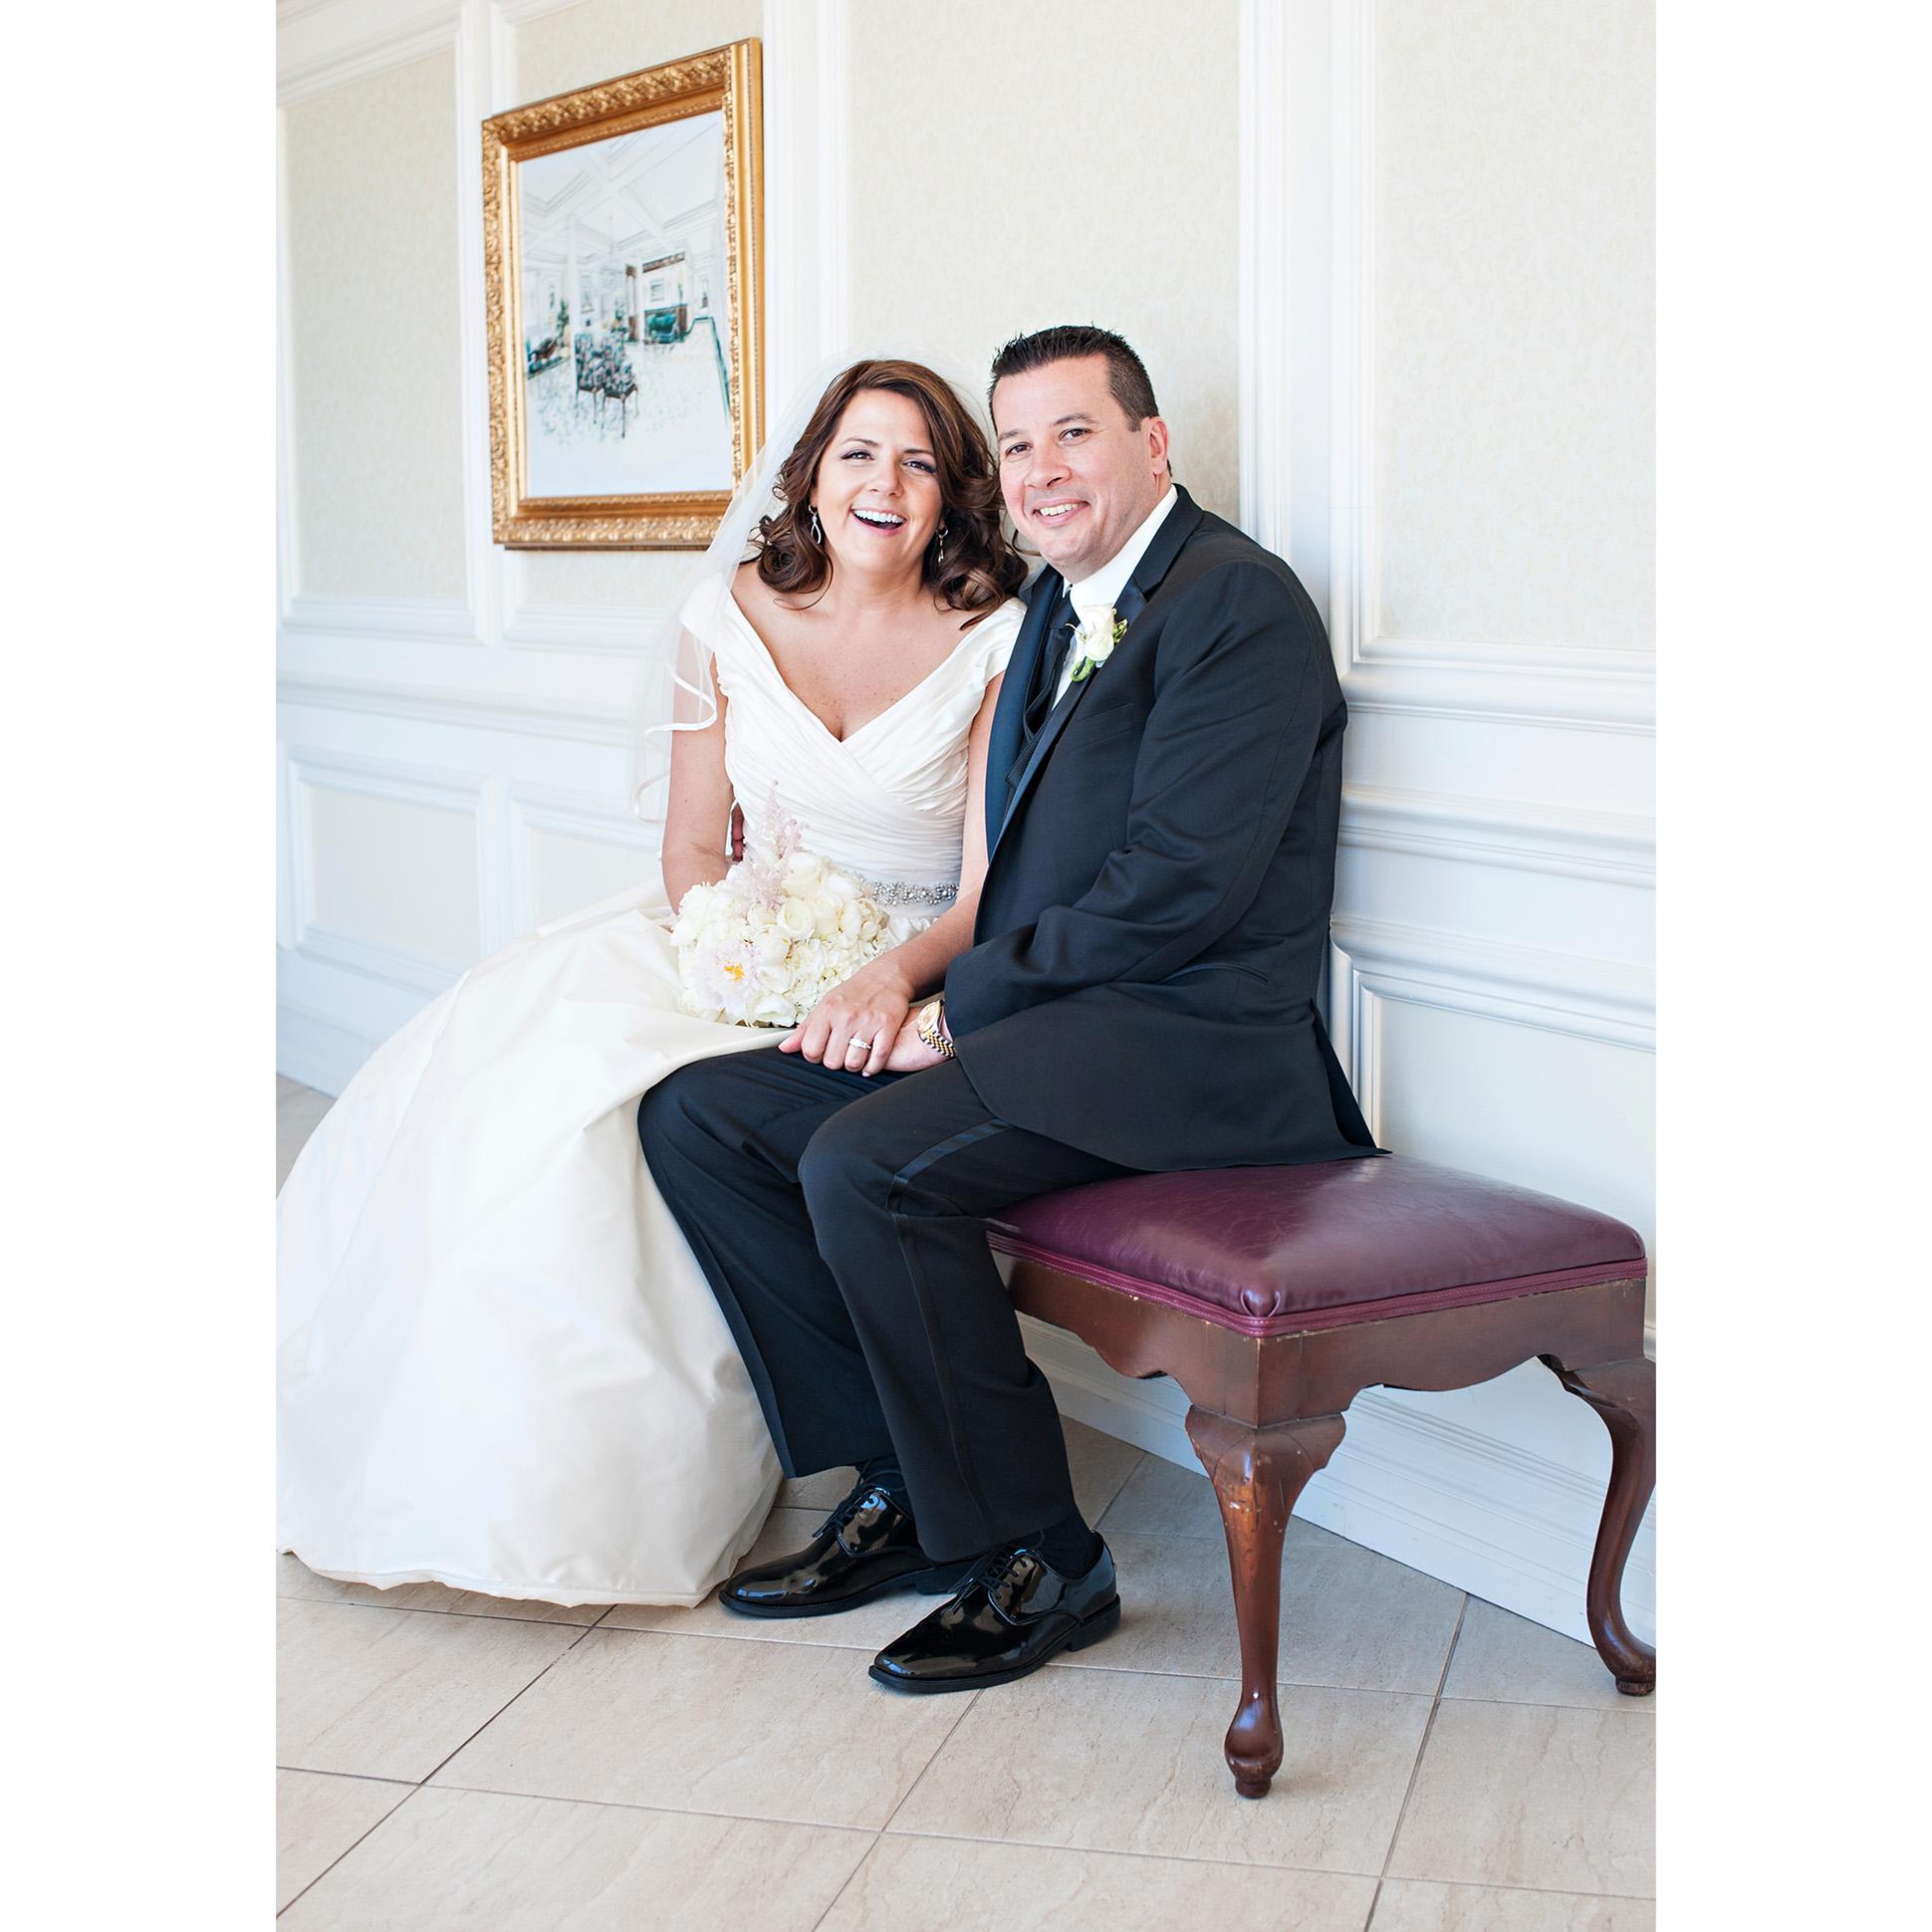 26-Sara Stadtmiller-SRS-Photography-Asbury-Park-Wedding-Photographer-Monmouth-County-Wedding-Photographer-NJ-Wedding-Photographer-Molly-Pitcher-Inn-Wedding